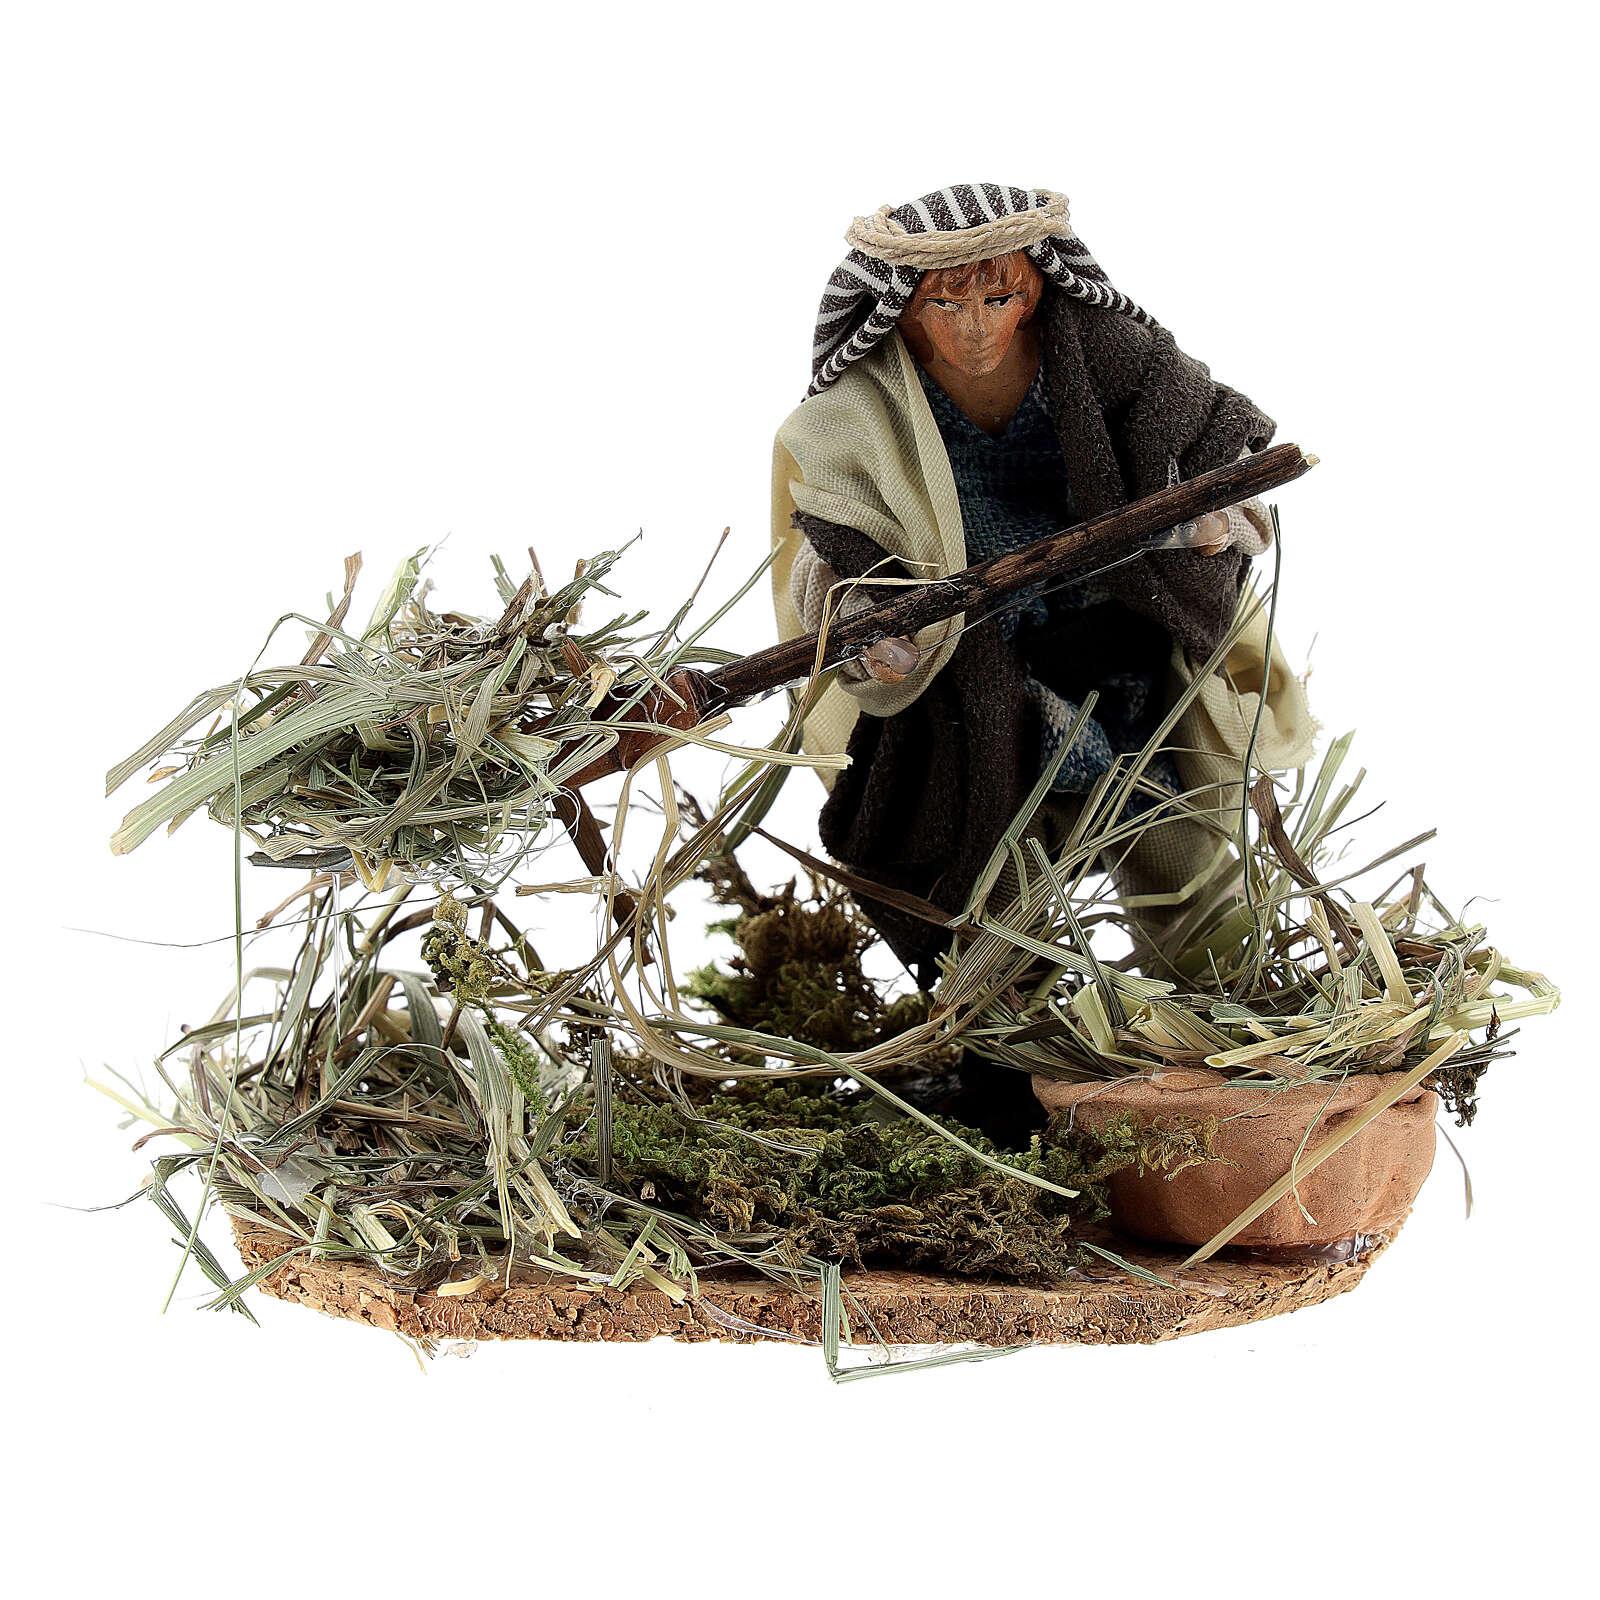 Farmer shoveling straw terracotta figure, 8 cm Neapolitan nativity 4